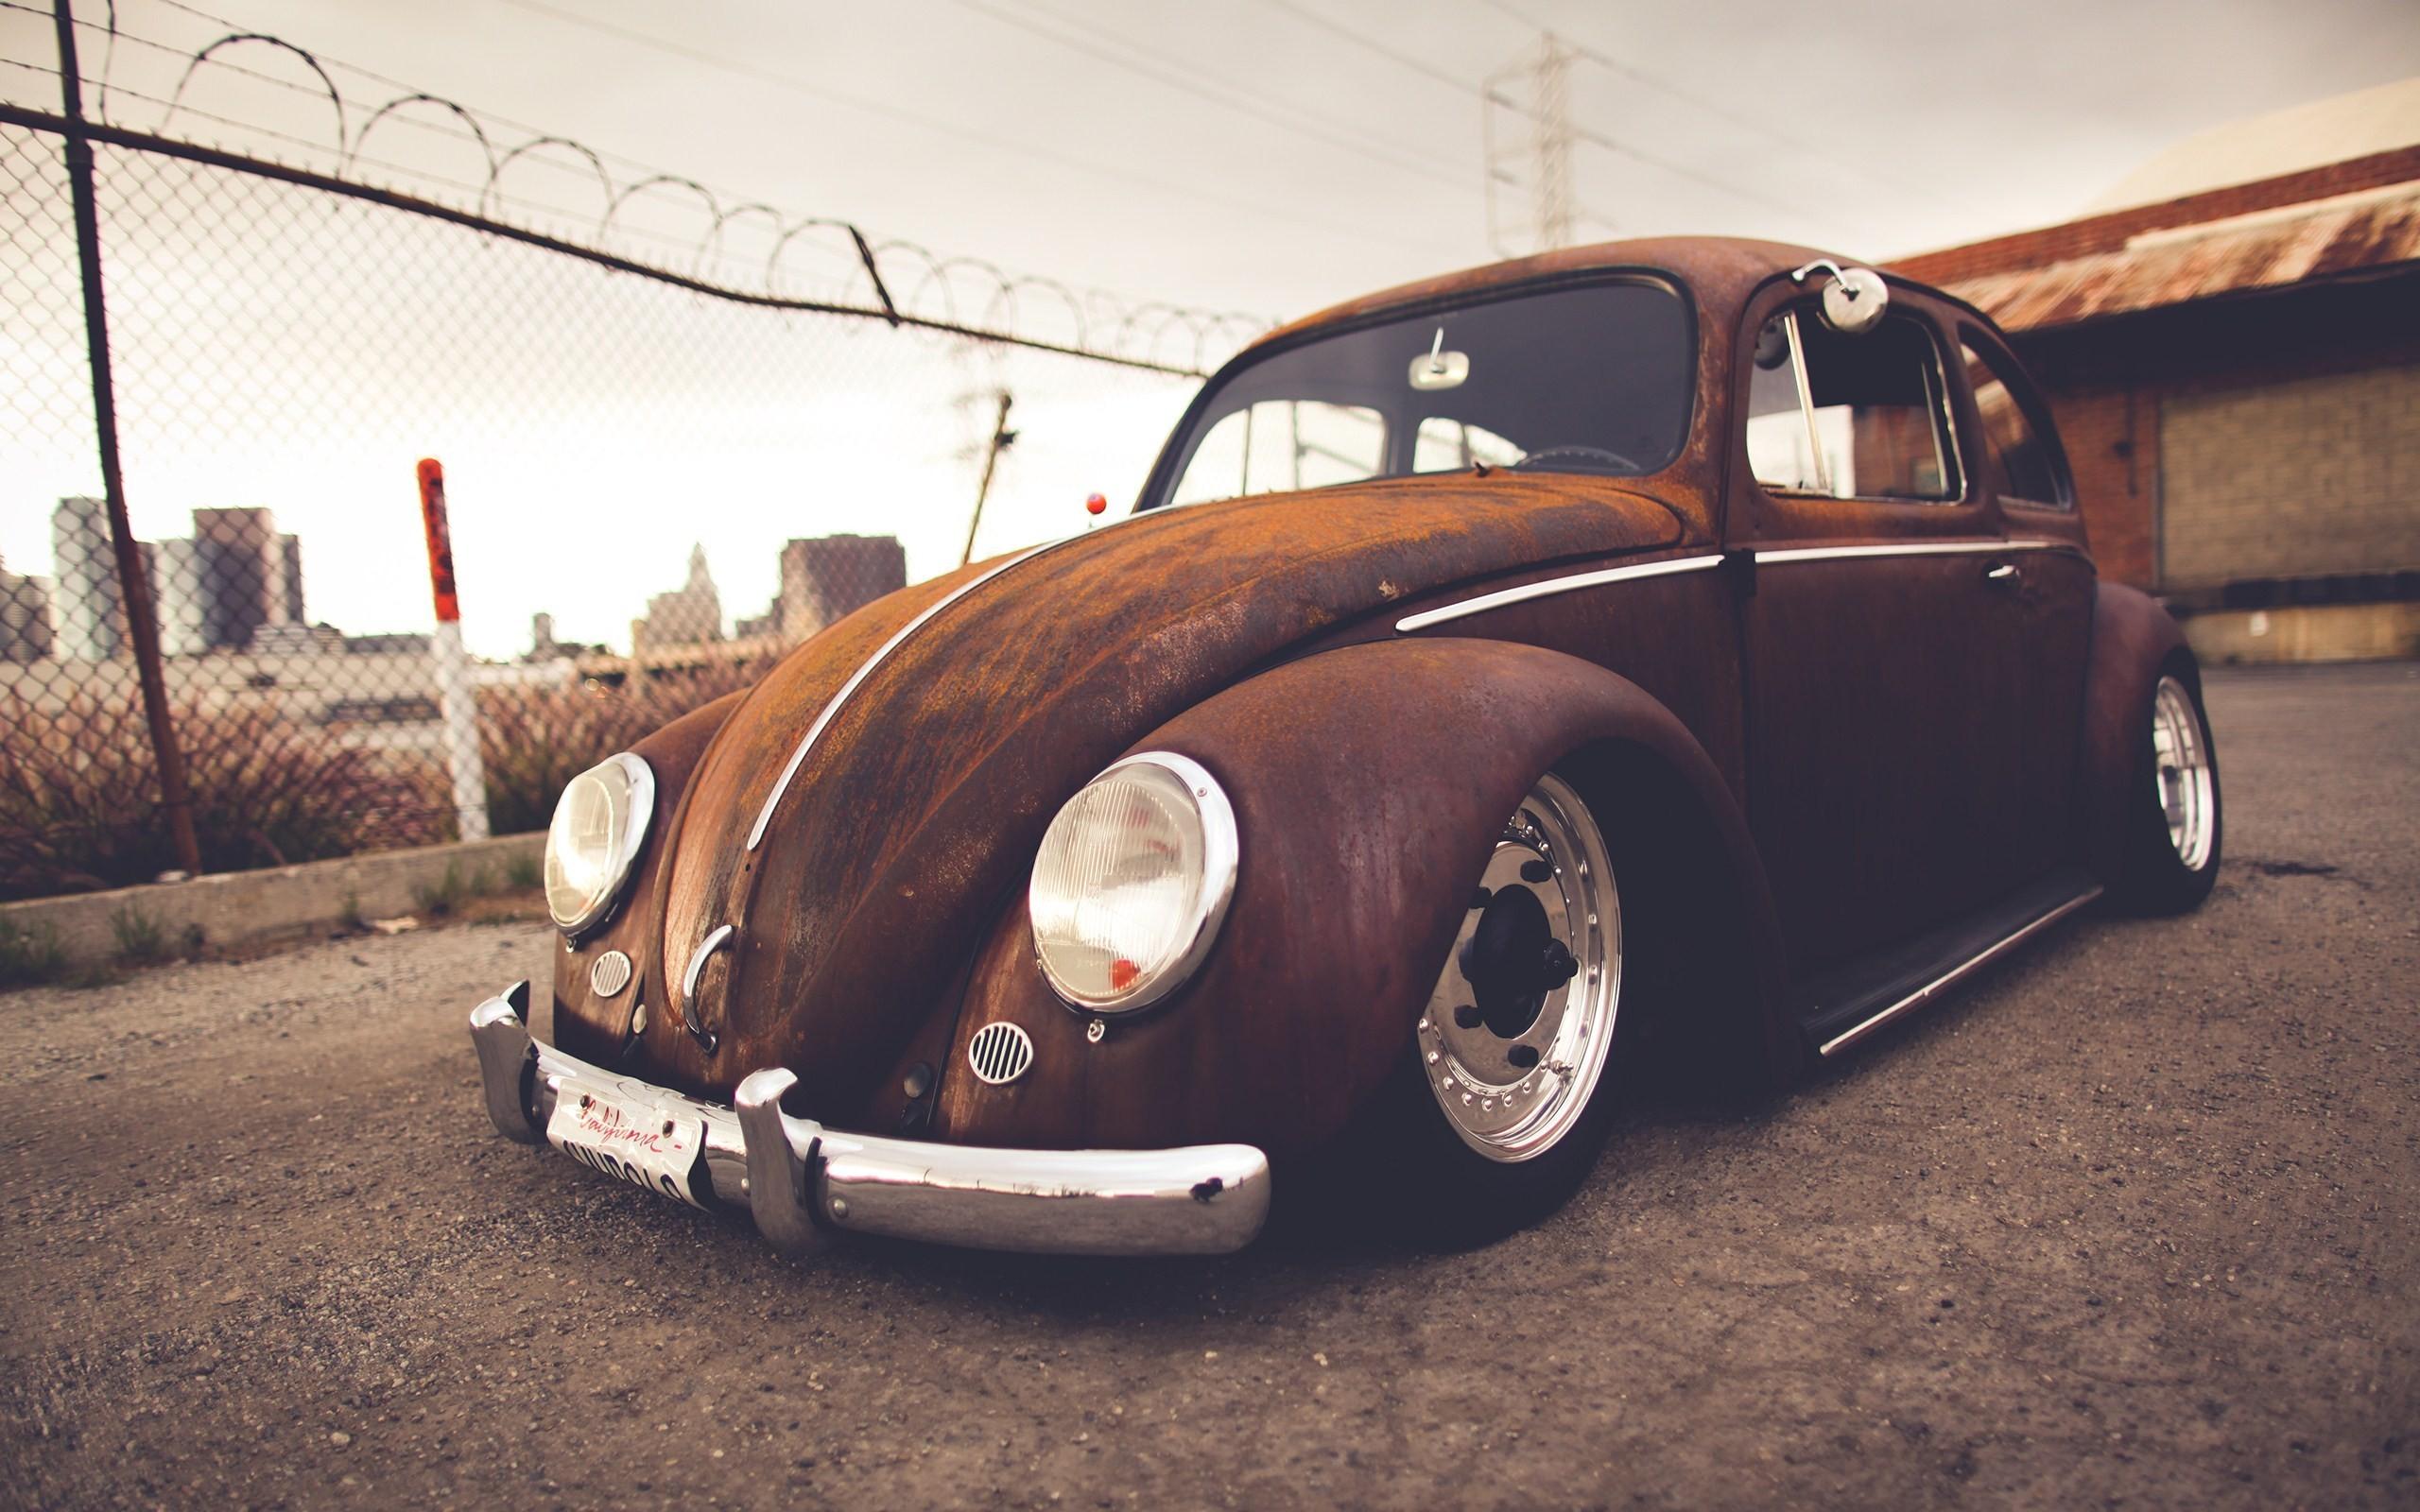 Volkswagen Beetle (Volkswagen Käfer): Time & Rust - Volkswagen